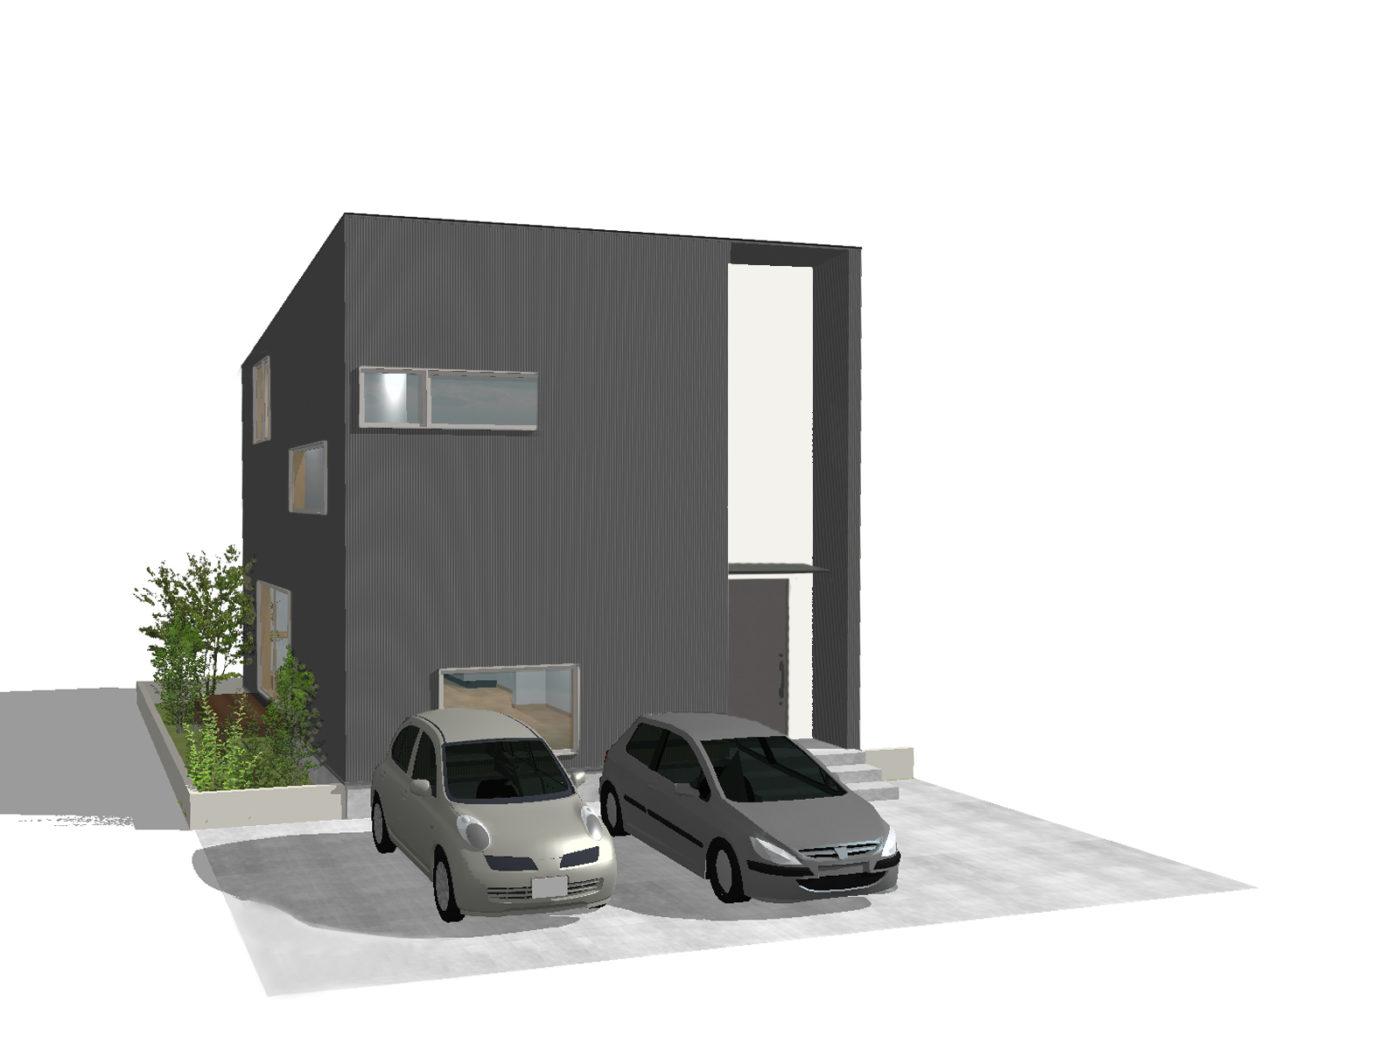 【見学予約受付中】【11/28~OPEN】 三条石上 ROMO モデルハウス見学会